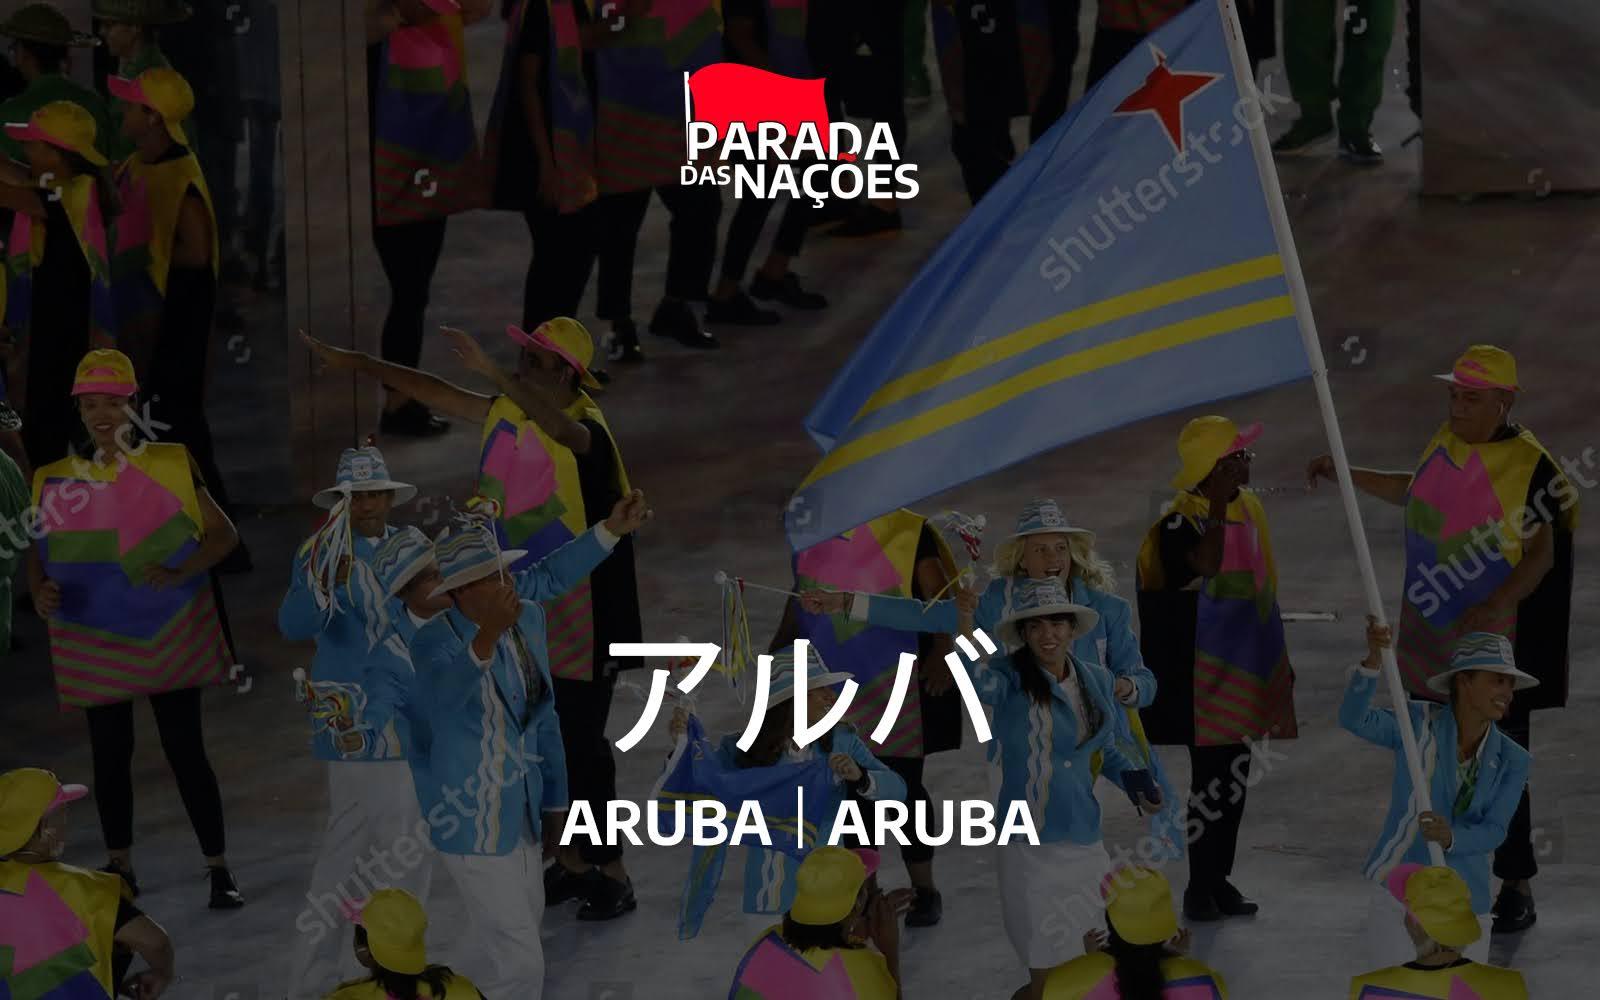 Aruba na Parada das Nações